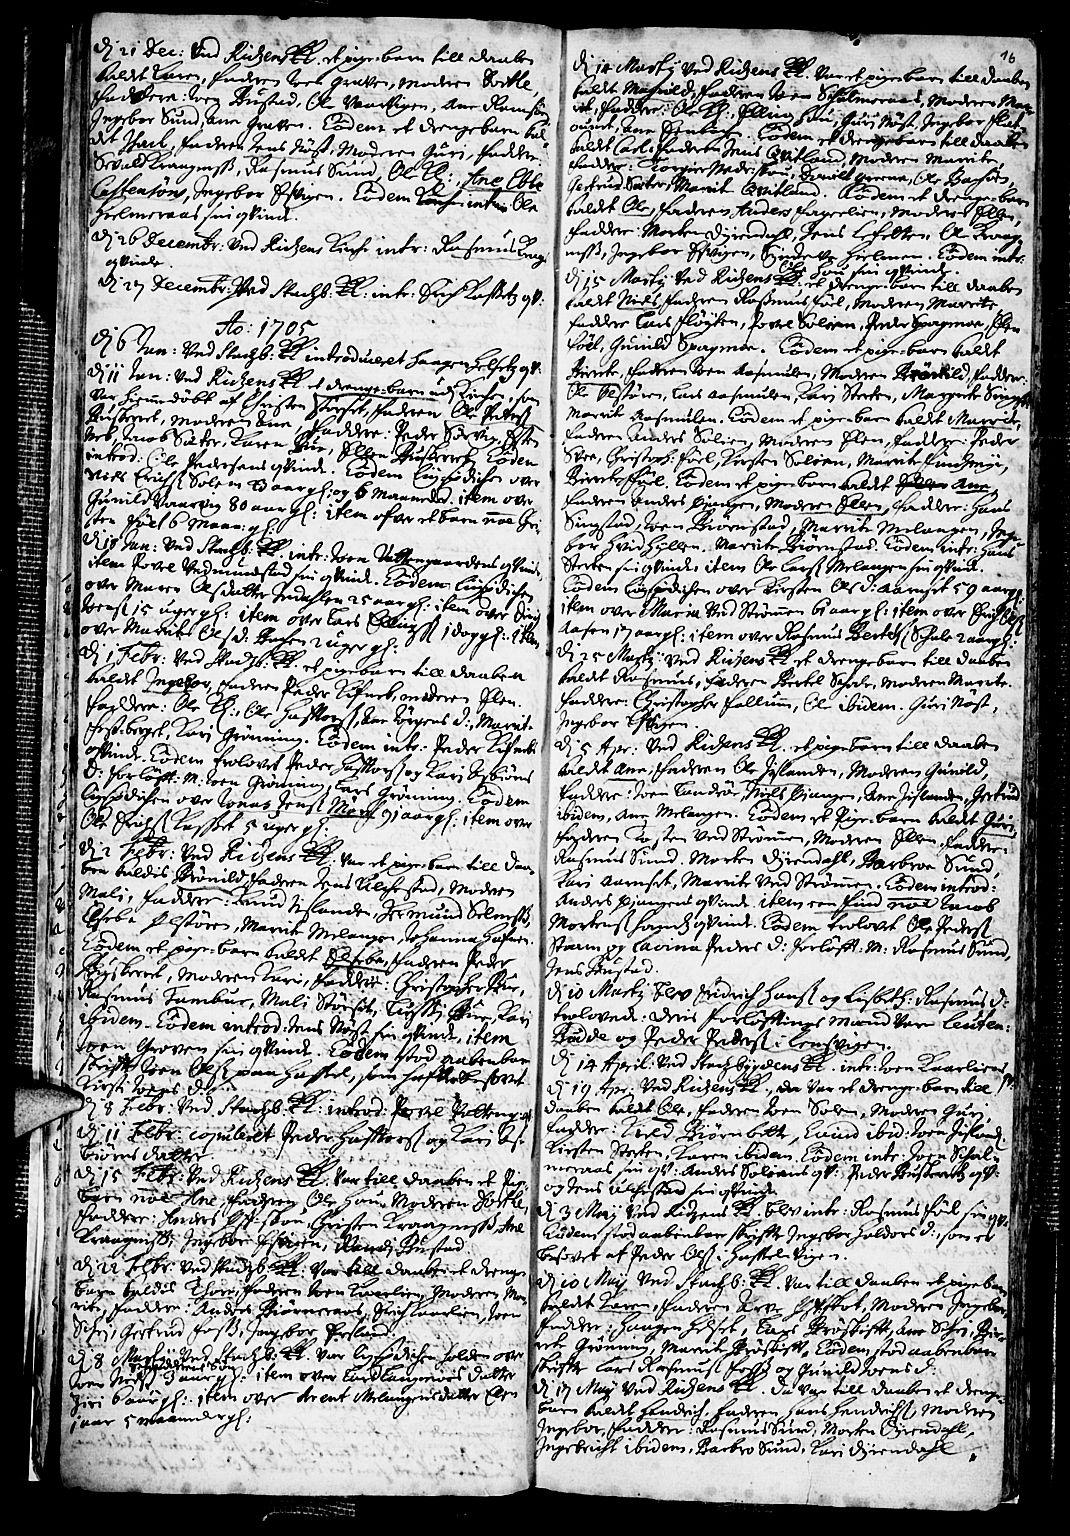 SAT, Ministerialprotokoller, klokkerbøker og fødselsregistre - Sør-Trøndelag, 646/L0603: Ministerialbok nr. 646A01, 1700-1734, s. 16